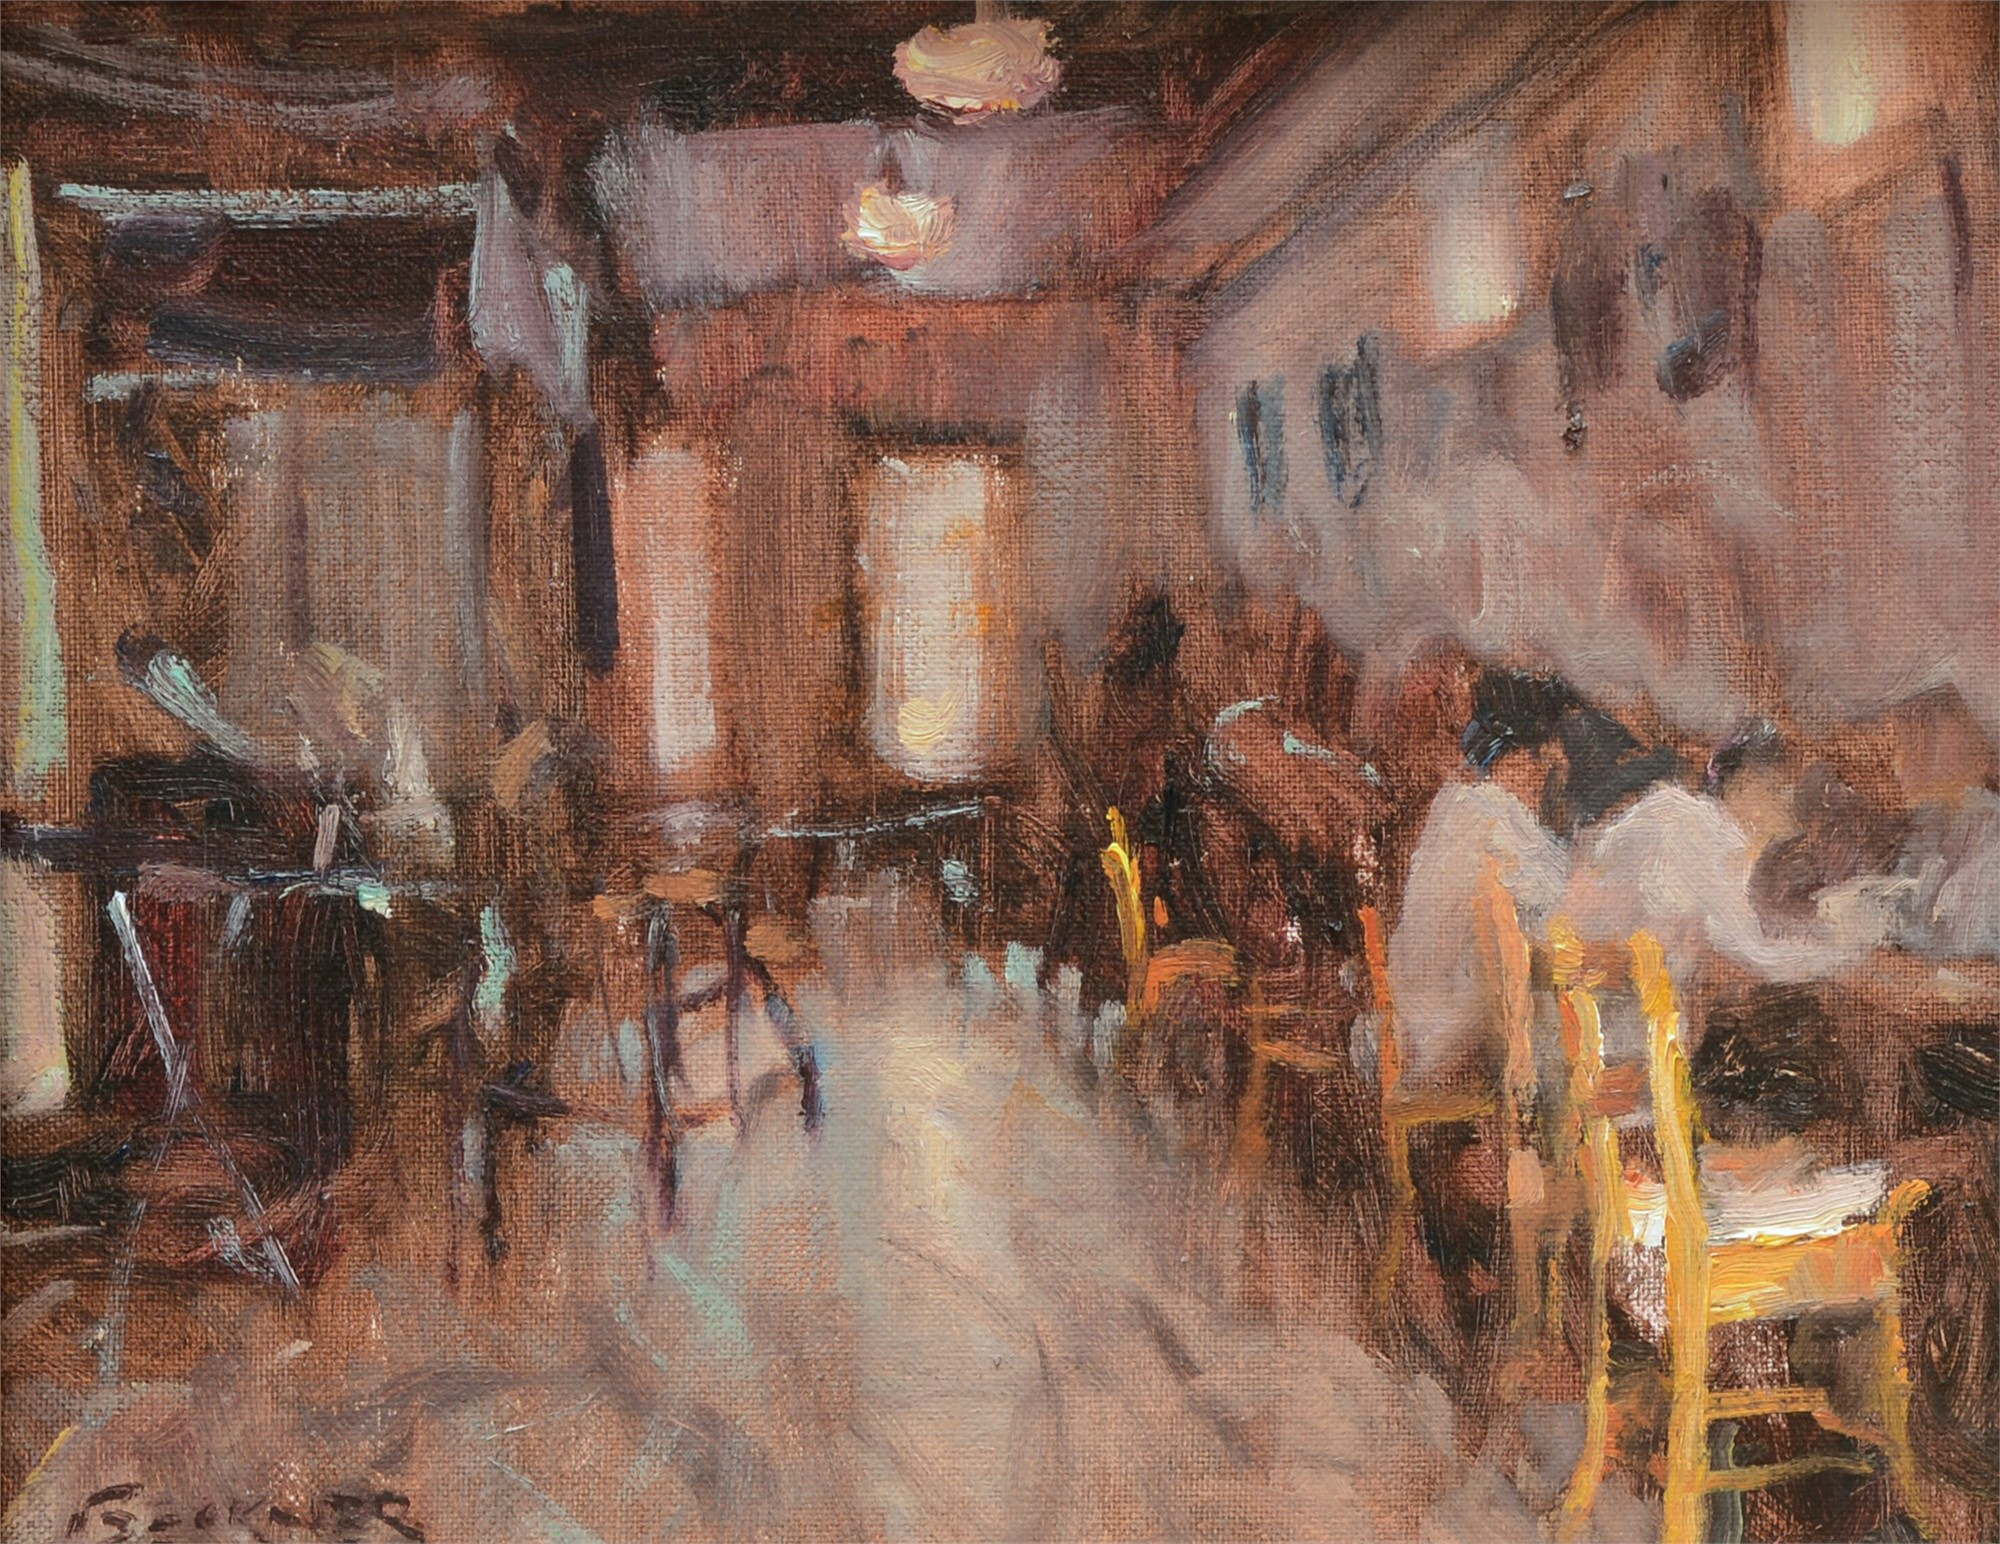 Cafe Ole by Jim Beckner